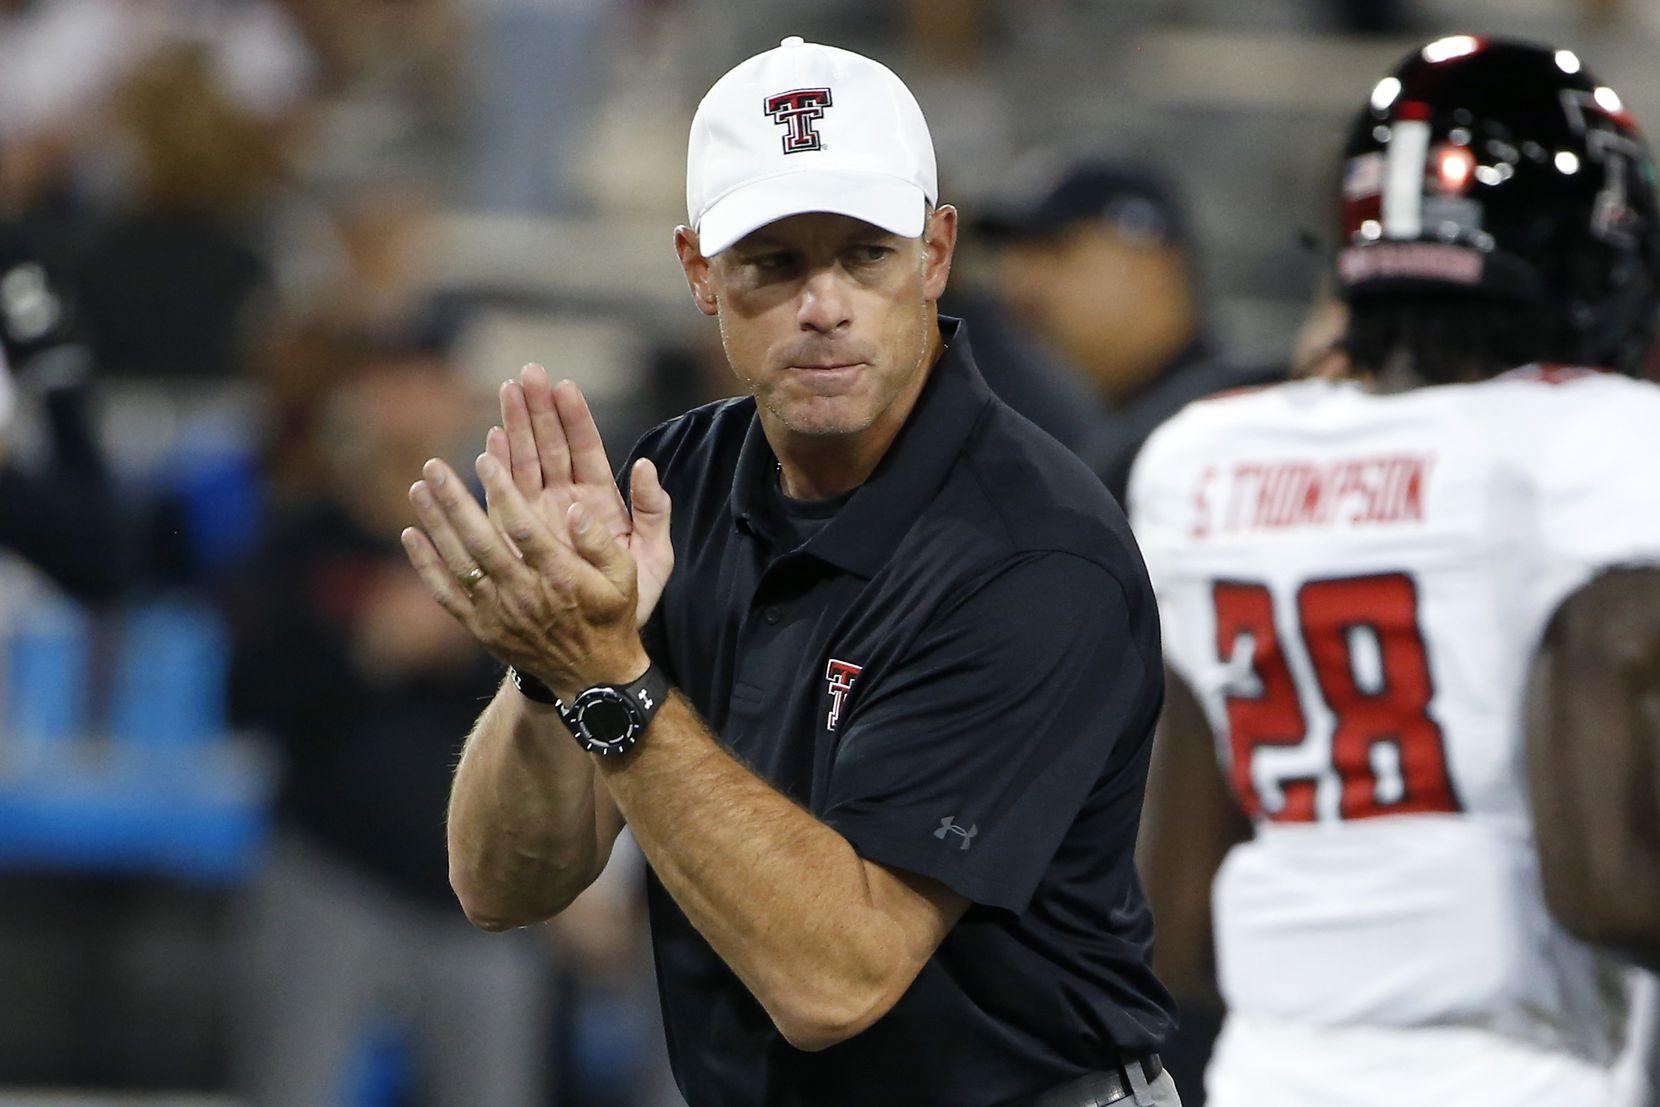 Texas Tech head coach Matt Wells prior to an NCAA college football game against Arizona, Saturday, Sept. 14, 2019, in Tucson, Ariz.